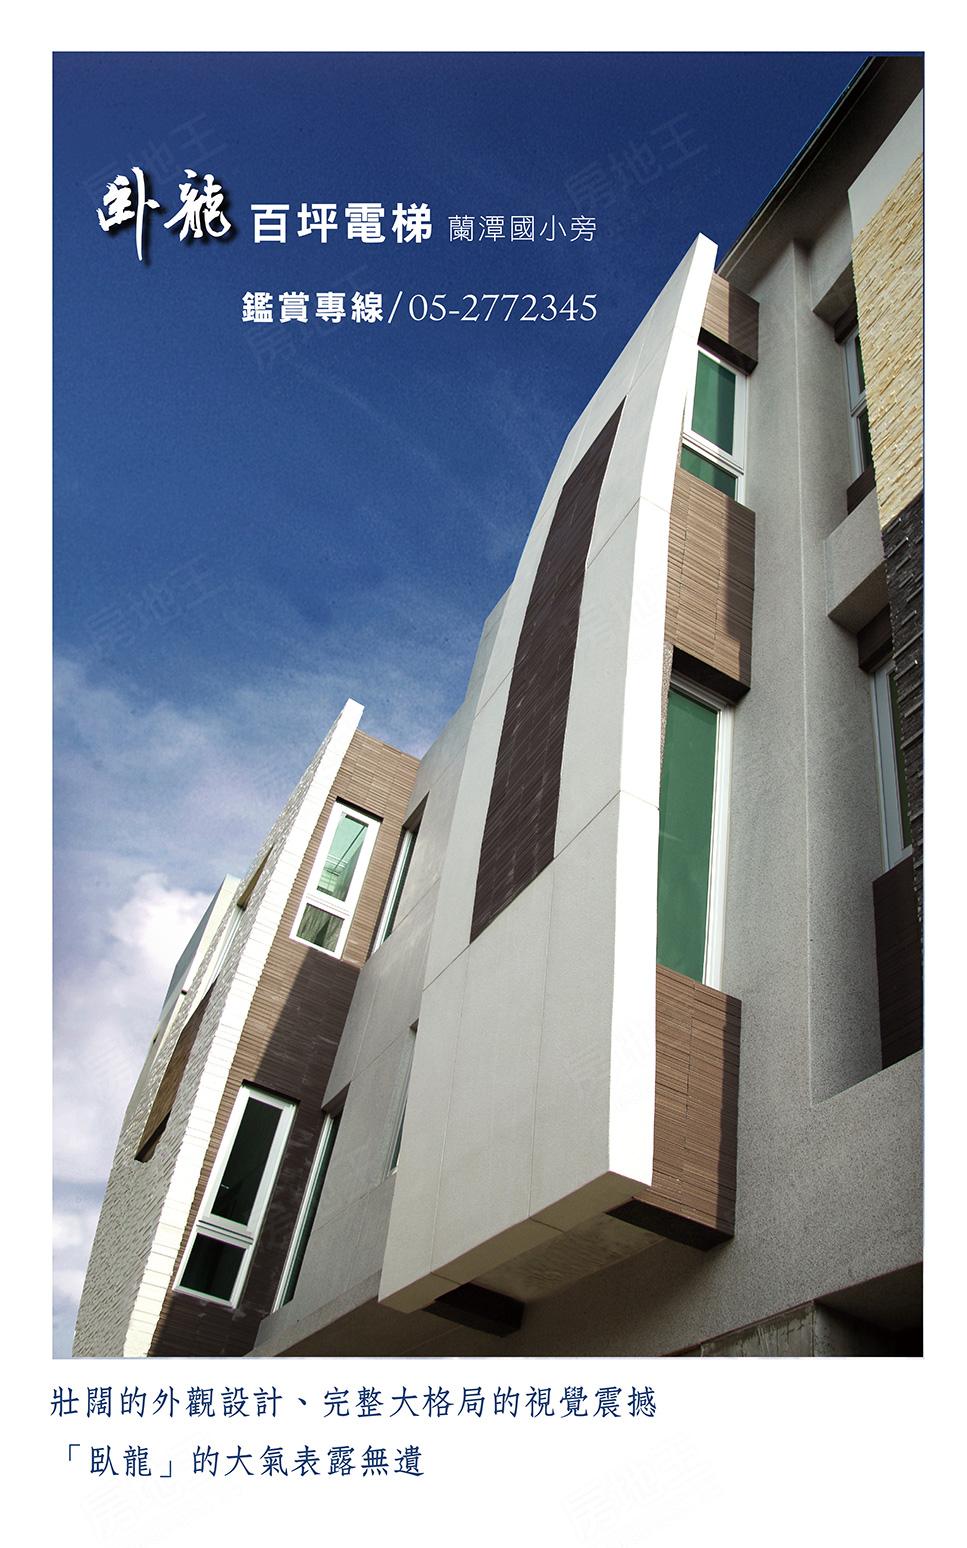 雲嘉新建屋